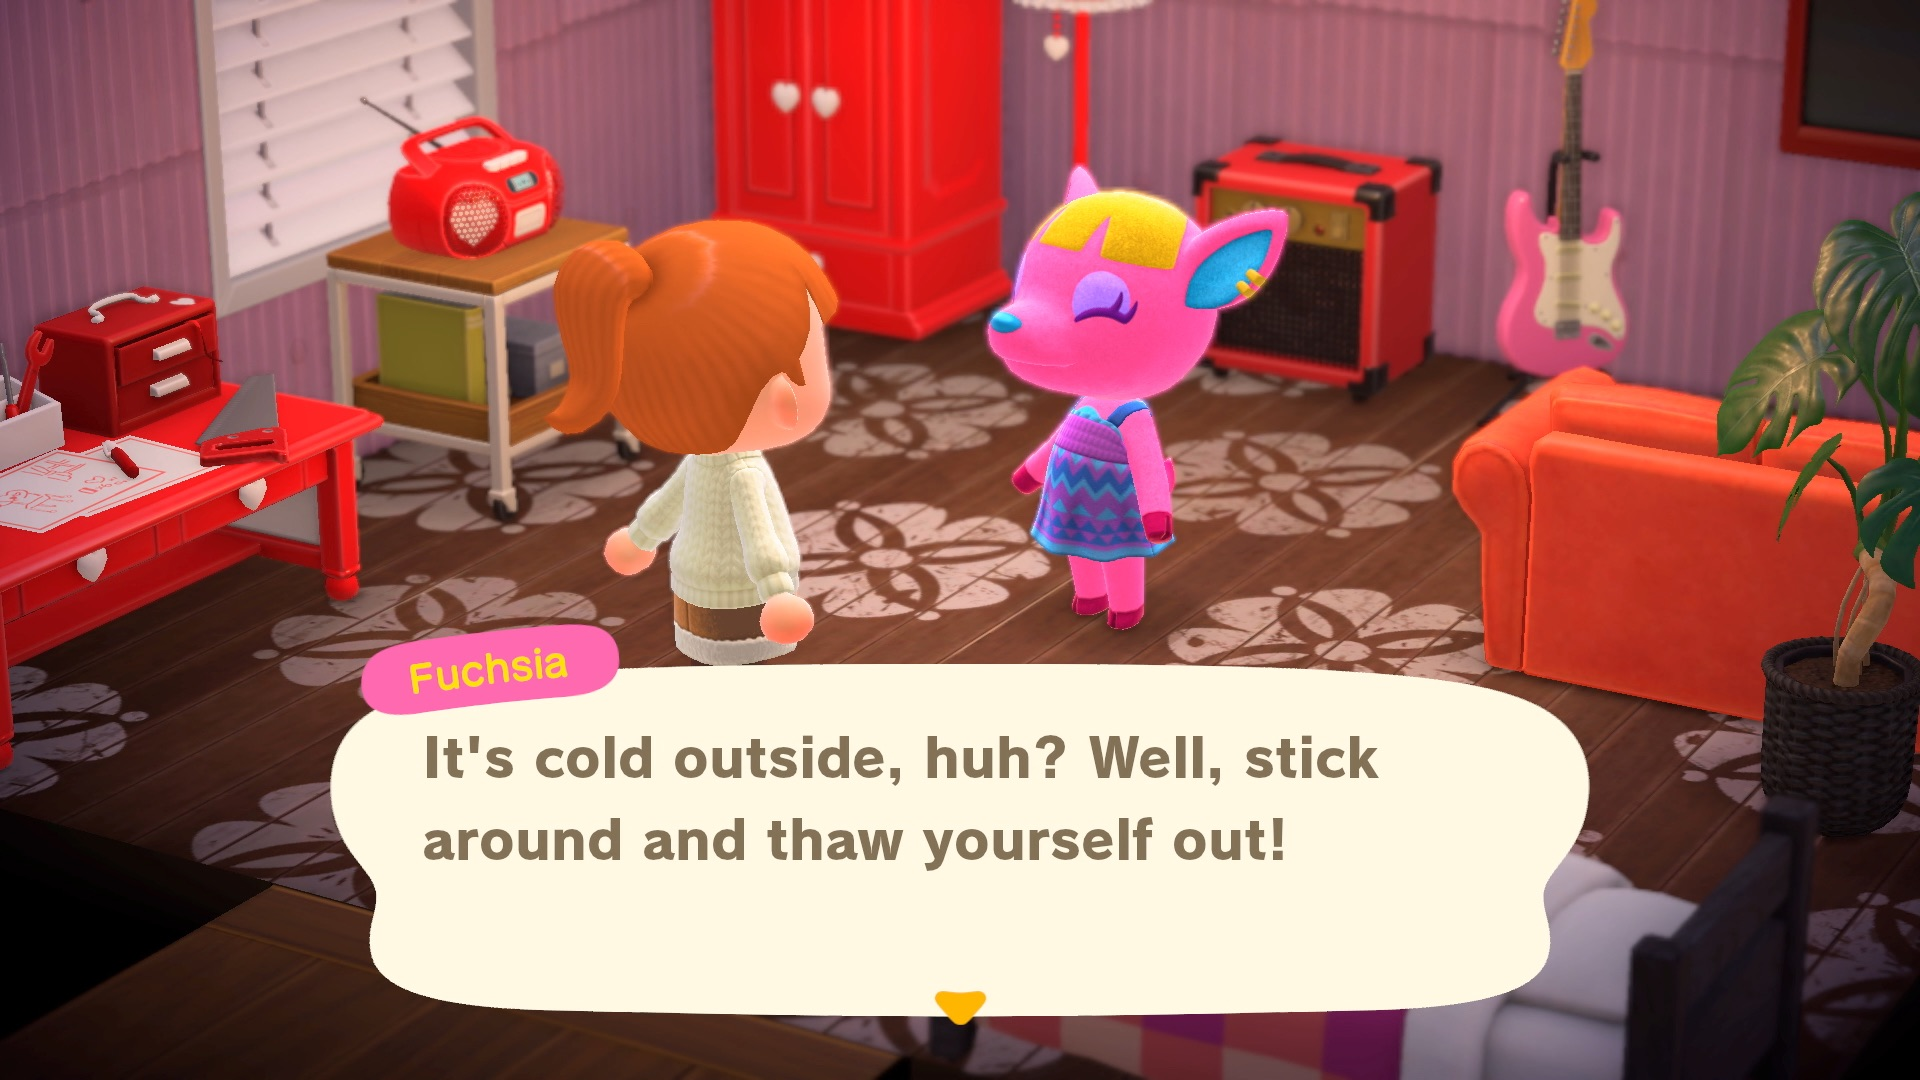 Animal Crossing: New Horizons E3 2019 Screenshot 10